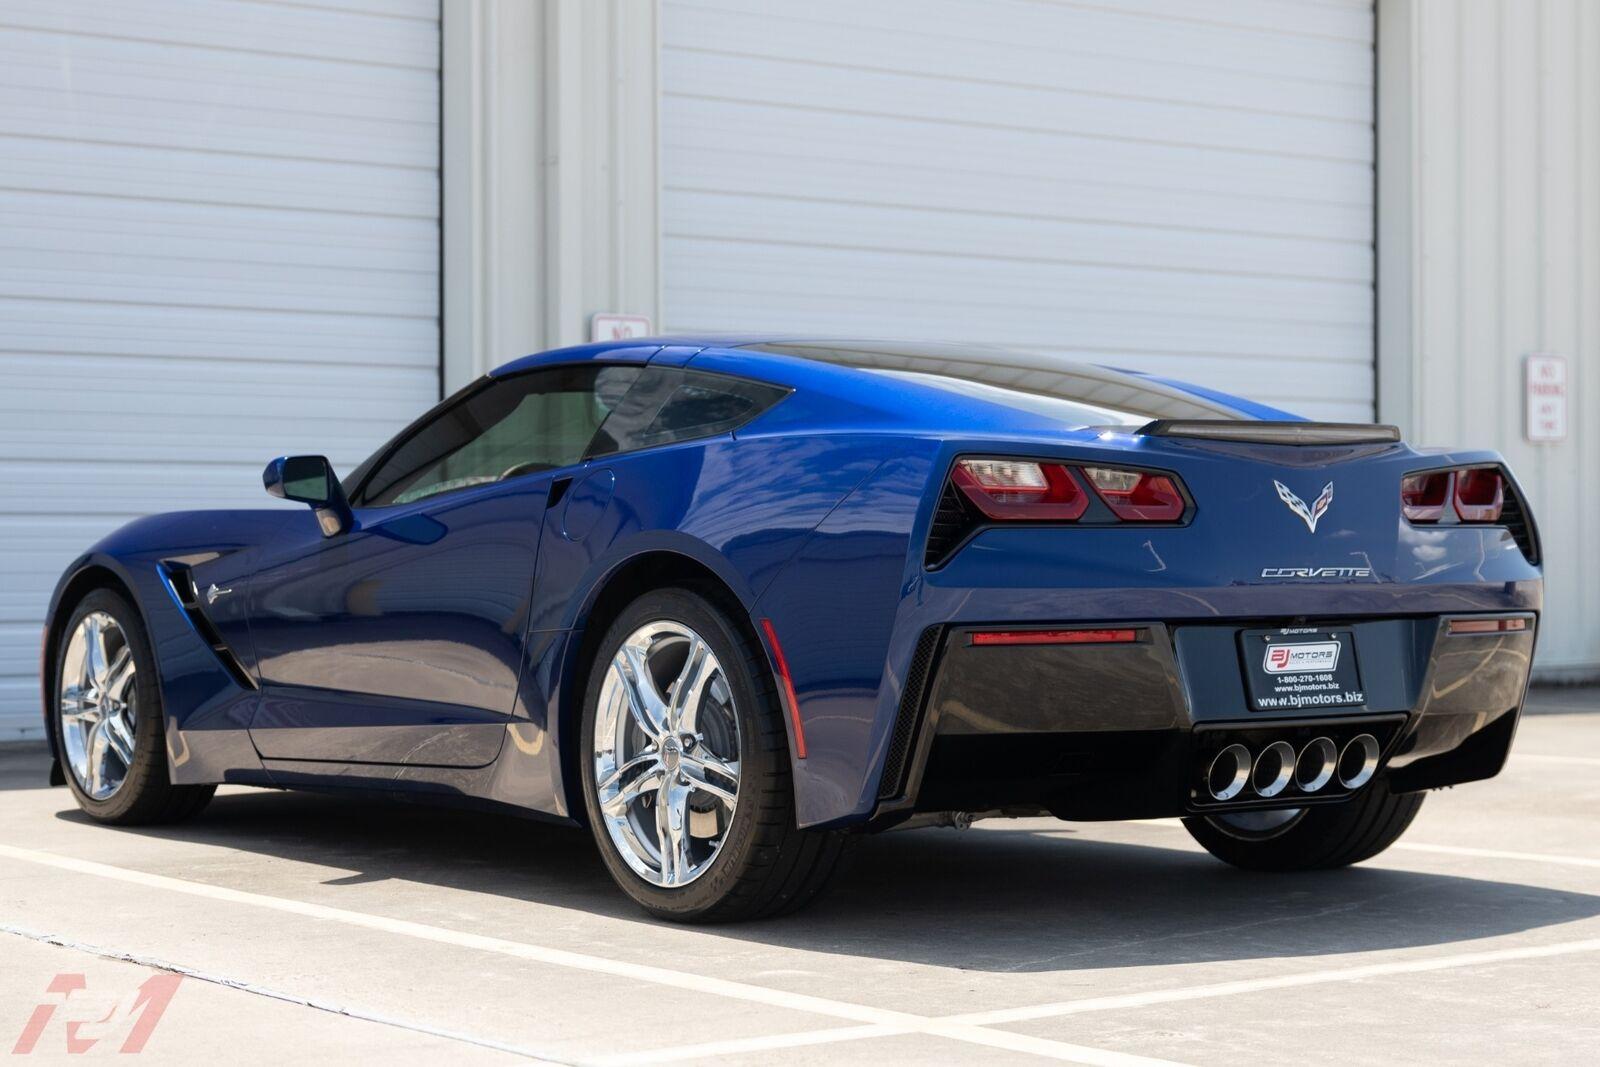 2017 Blue Chevrolet Corvette  2LT | C7 Corvette Photo 10